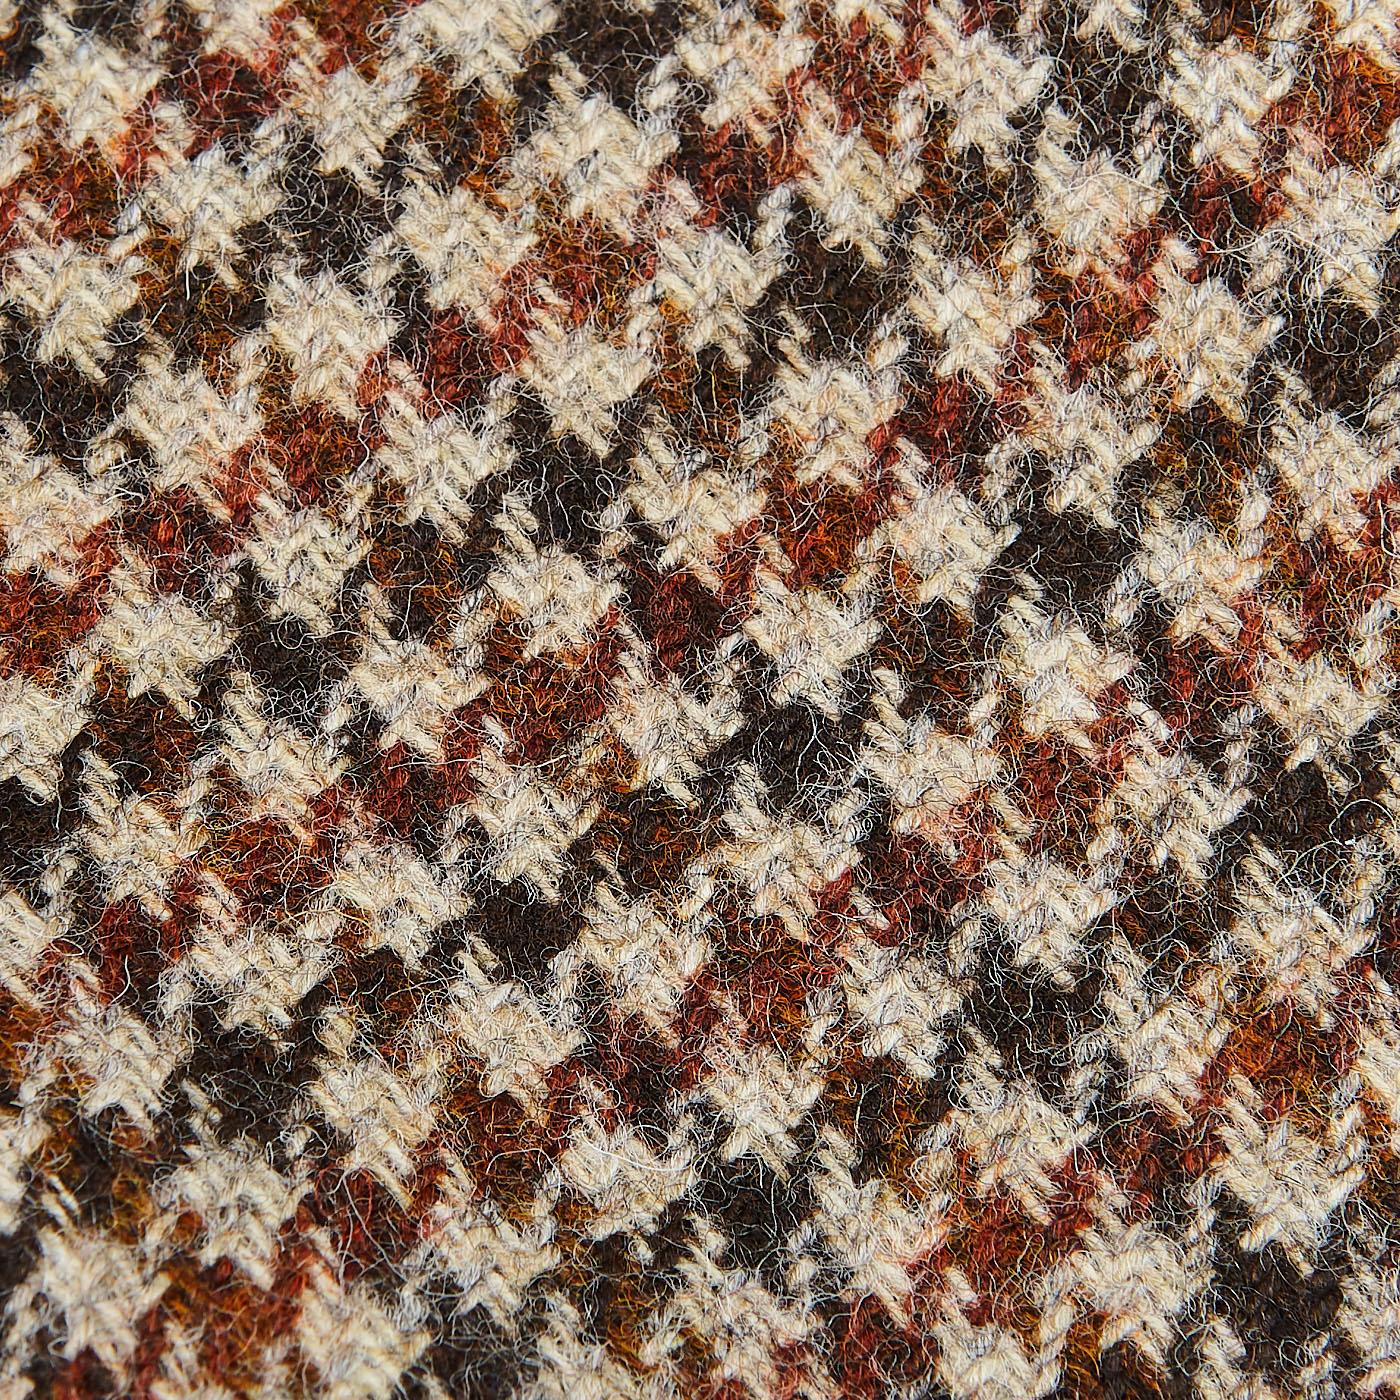 Tagliatore Beige Houndstooth Wool Tweed Vesuvio Blazer Fabric